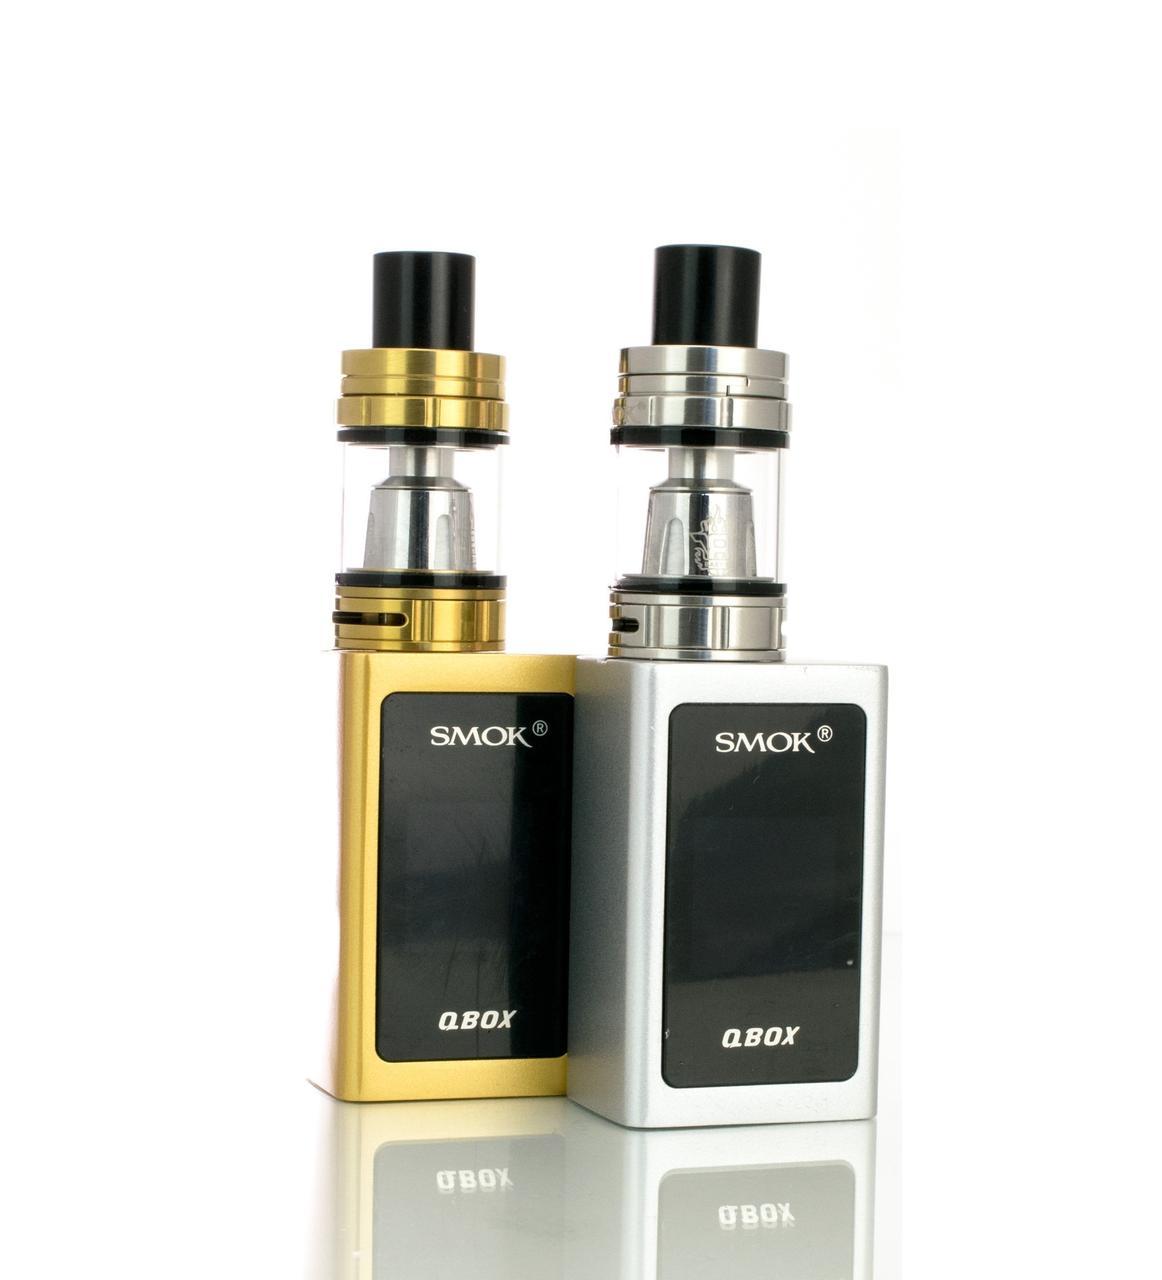 Стартовый набор Smok Q-BOX KIT Black